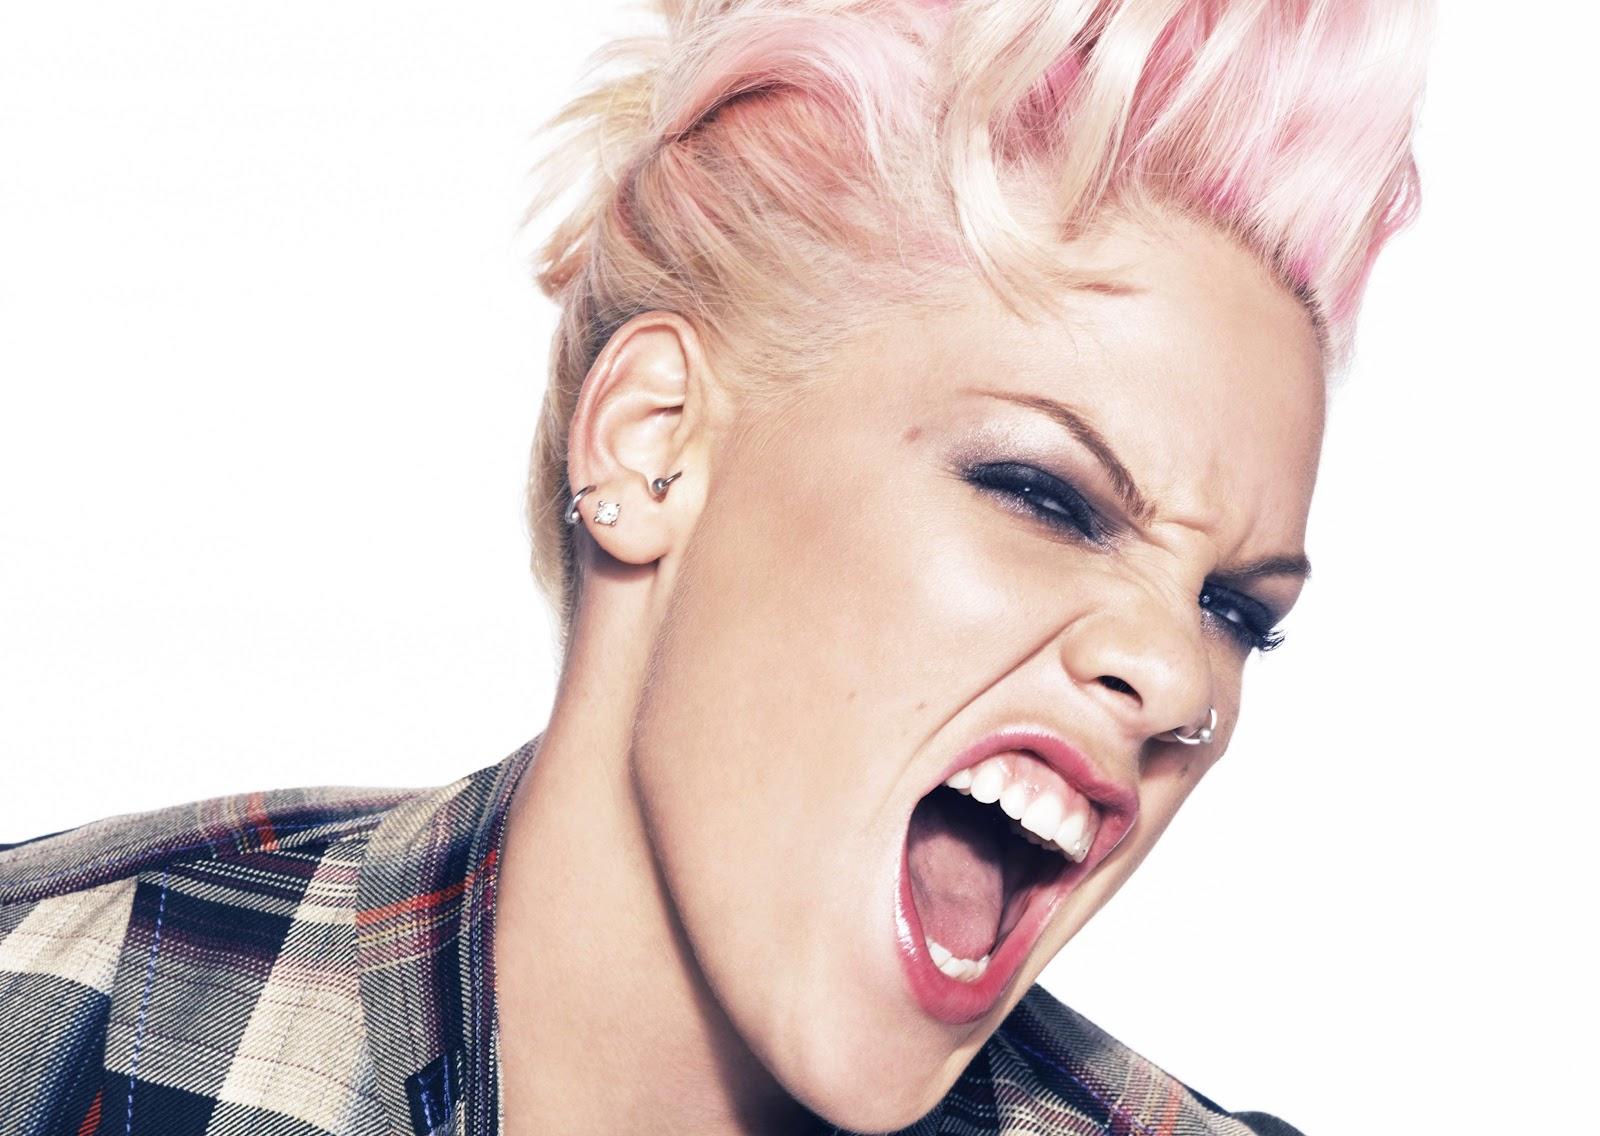 http://3.bp.blogspot.com/-emLdQGWApNg/T_H-Iwd2oMI/AAAAAAAAFzM/26vDaKeiG_8/s1600/Pink_Andrew_Macpherson_1.jpg